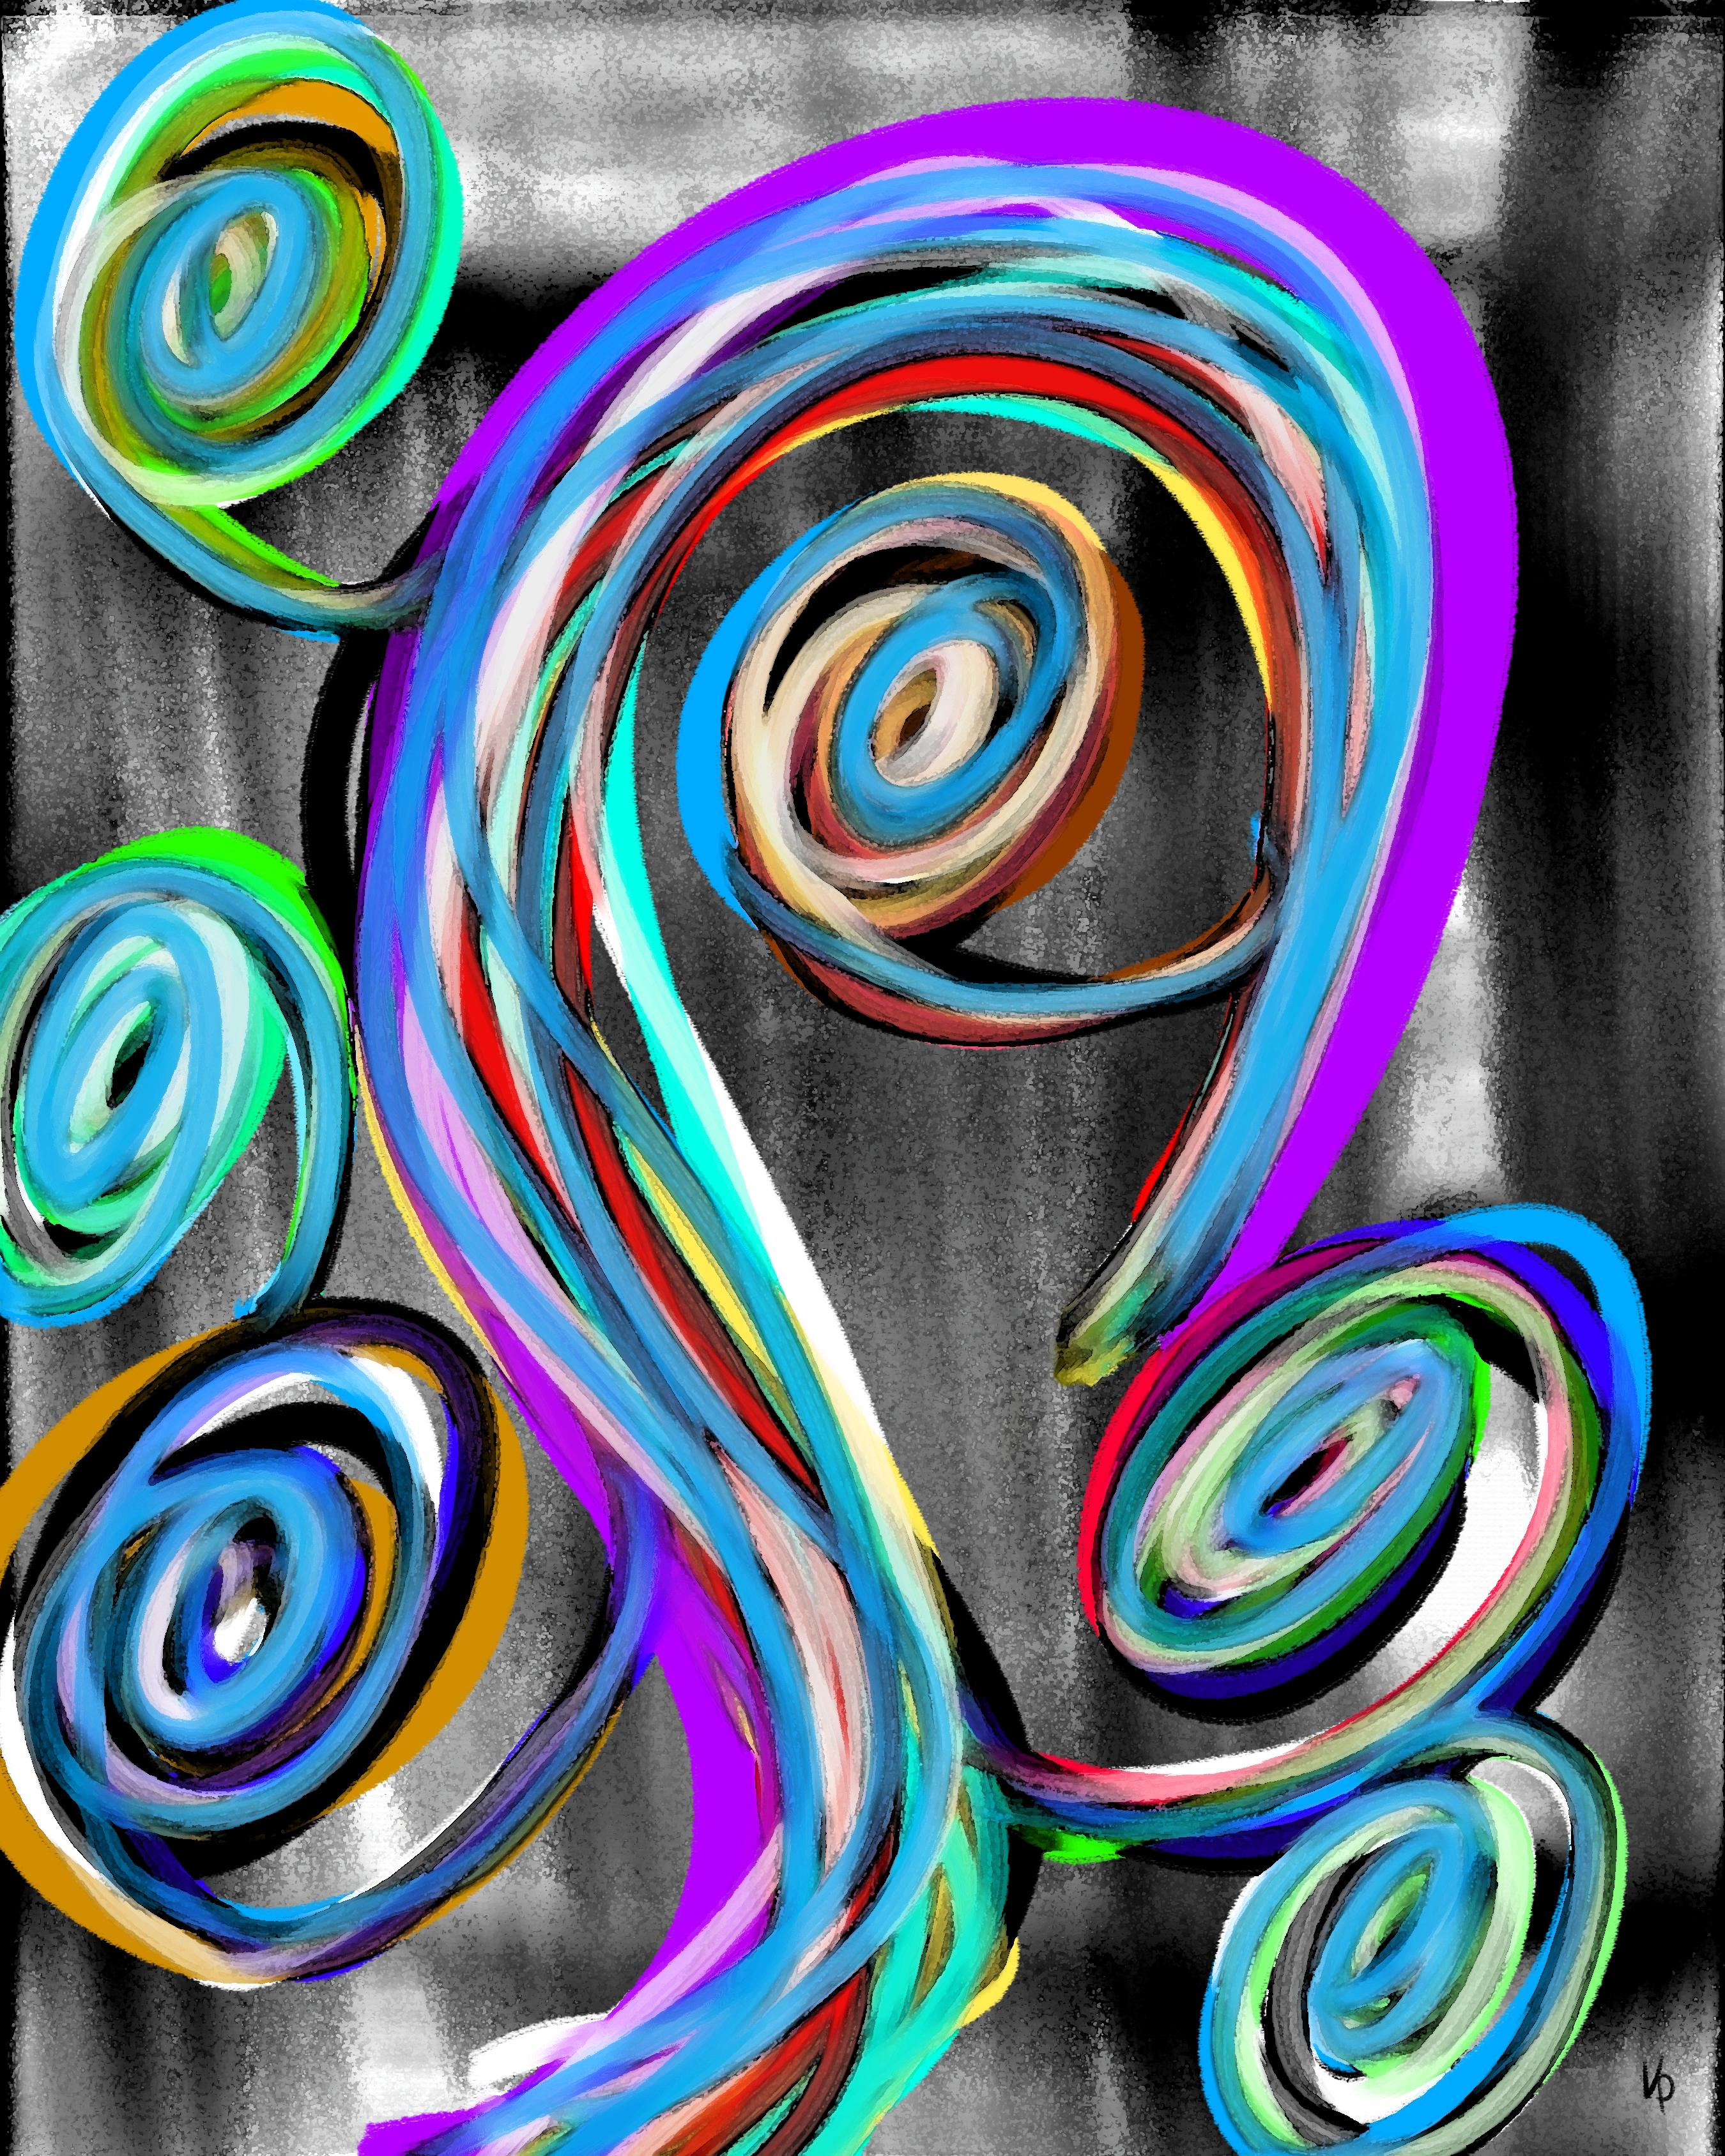 Spiral flower #1